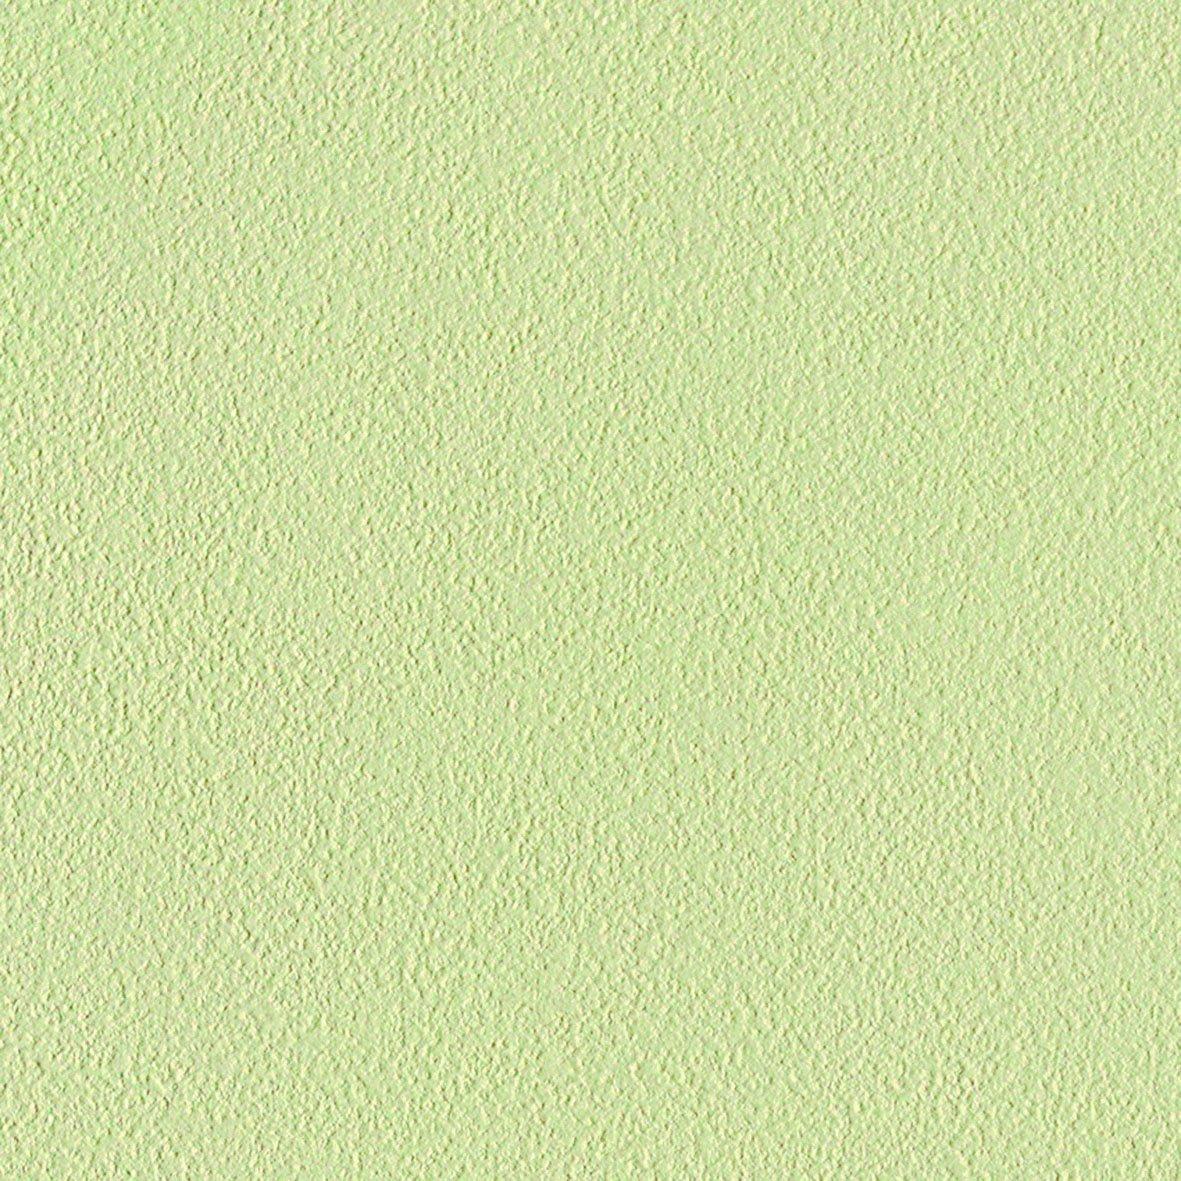 リリカラ 壁紙31m シンフル 石目調 イエロー LL-8220 B01MRH0KPM 31m イエロー